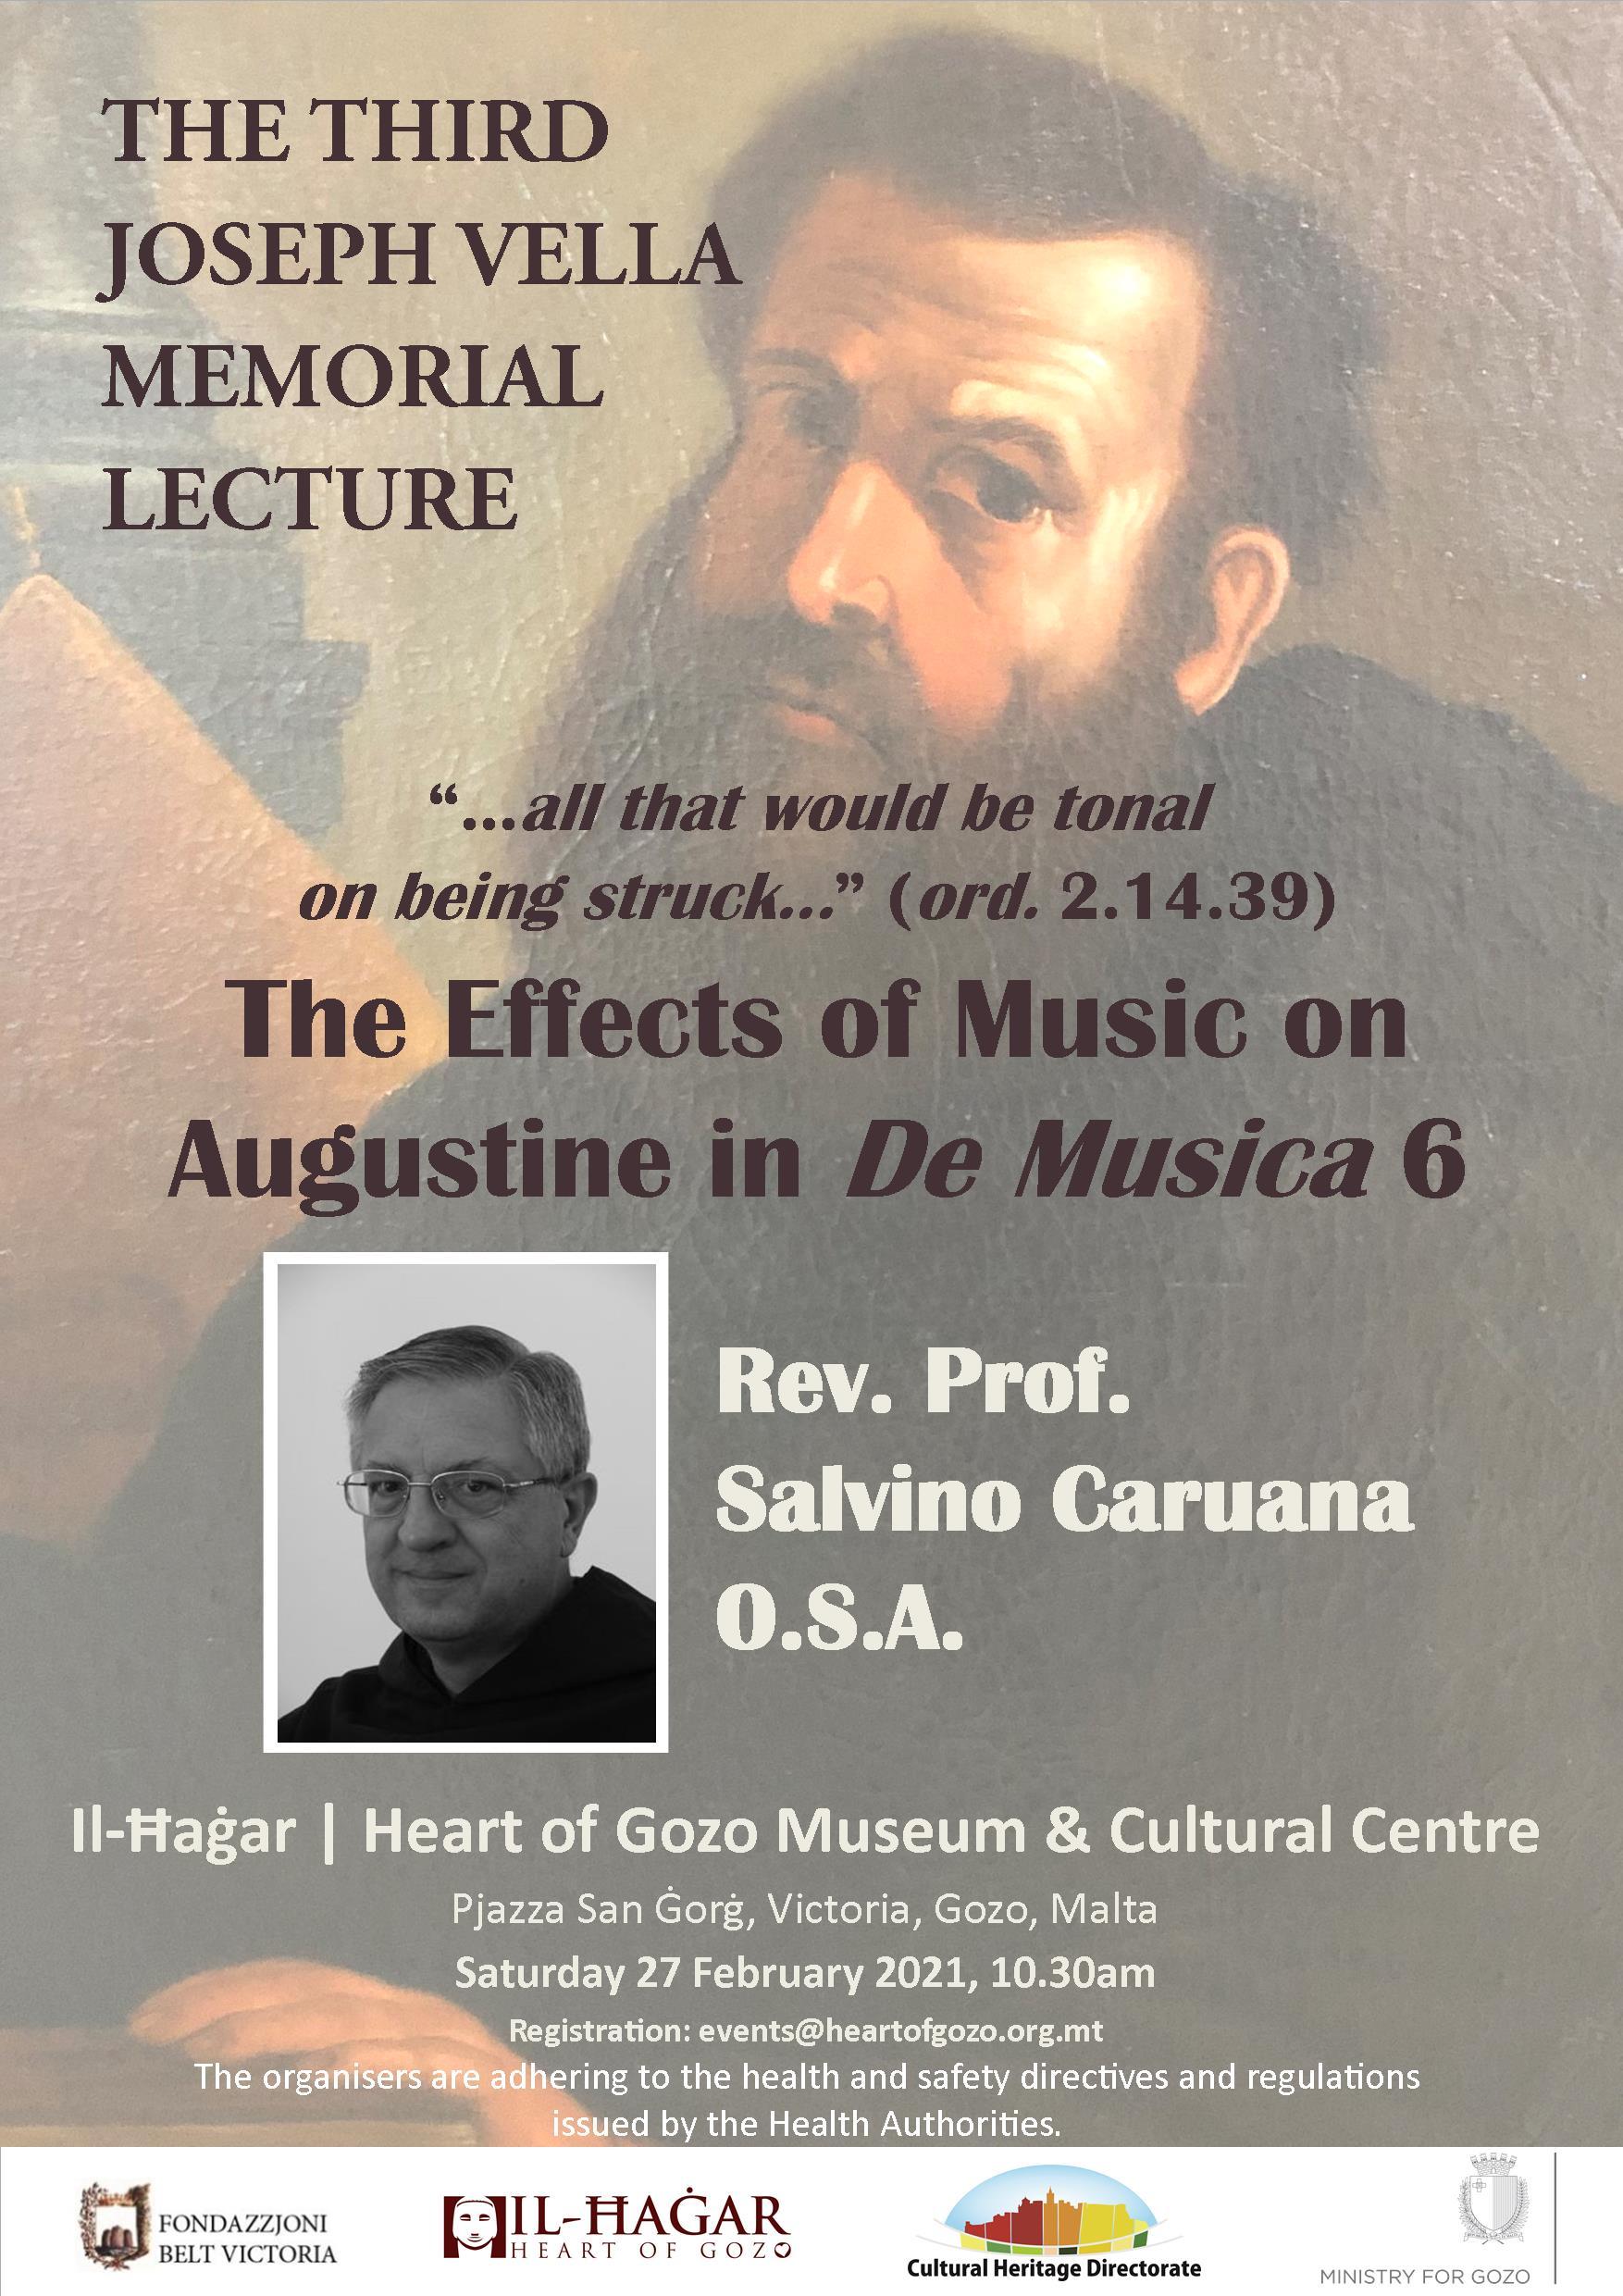 Third Joseph Vella Memorial Lecture